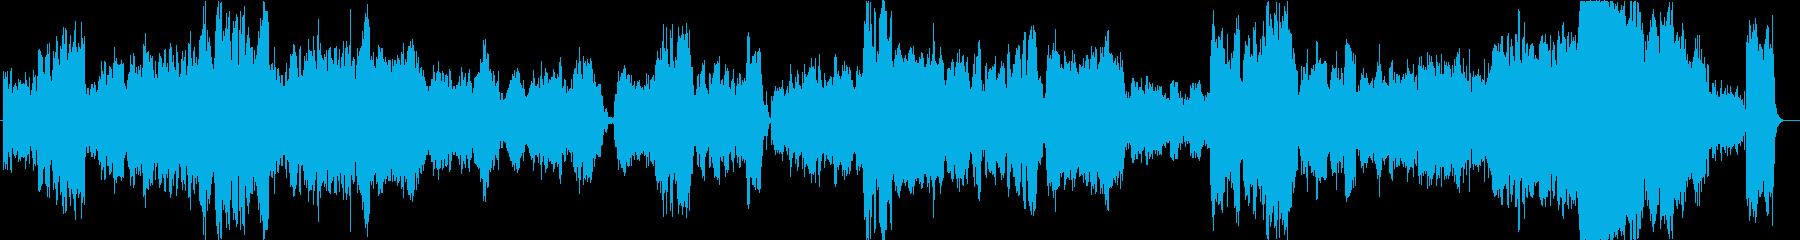 2つのアラベスク第1番オーケストラ編曲版の再生済みの波形